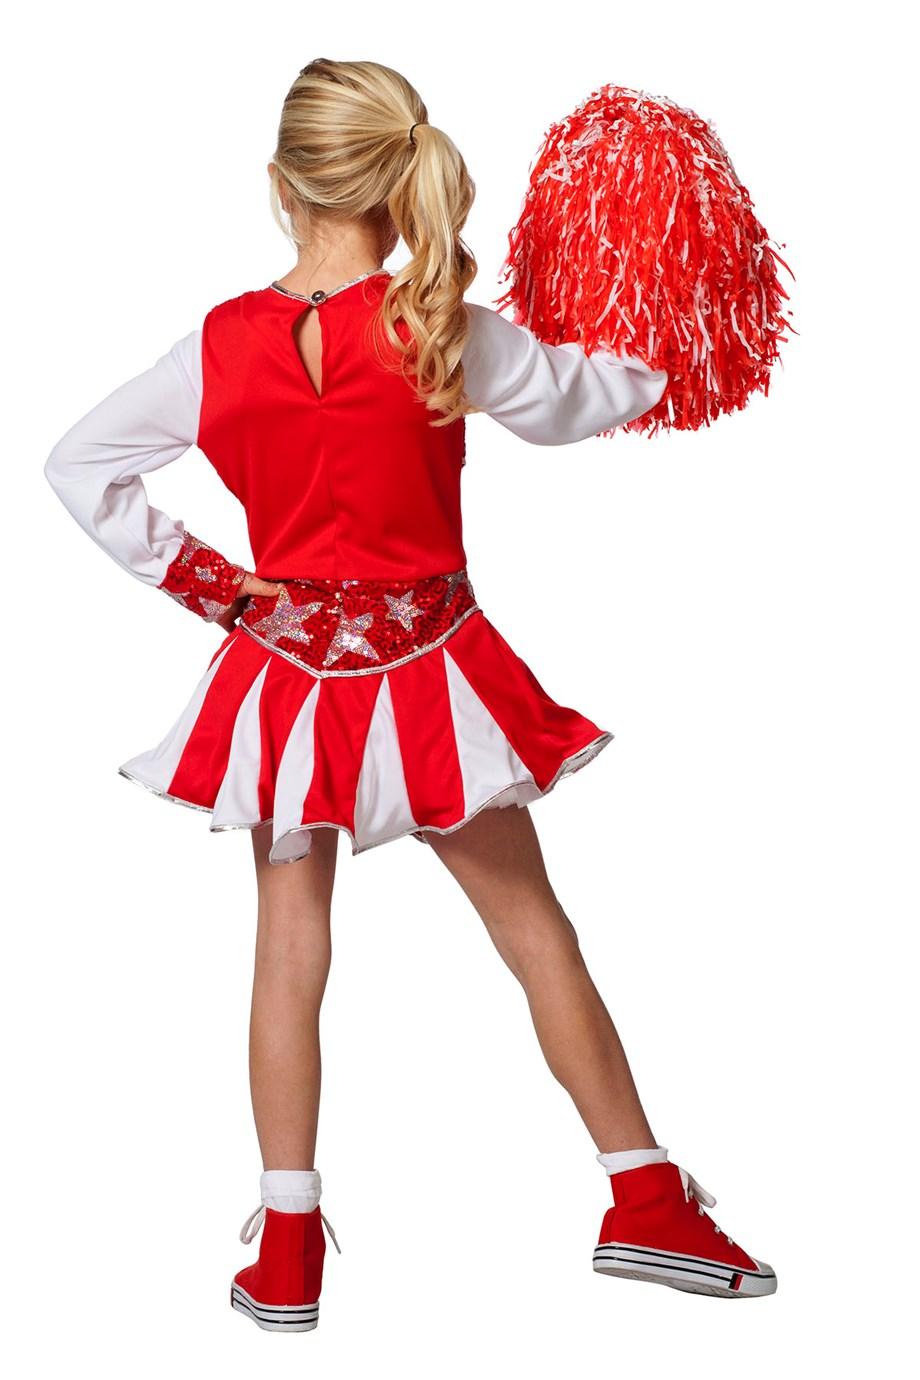 Cheerleader luxe-226773